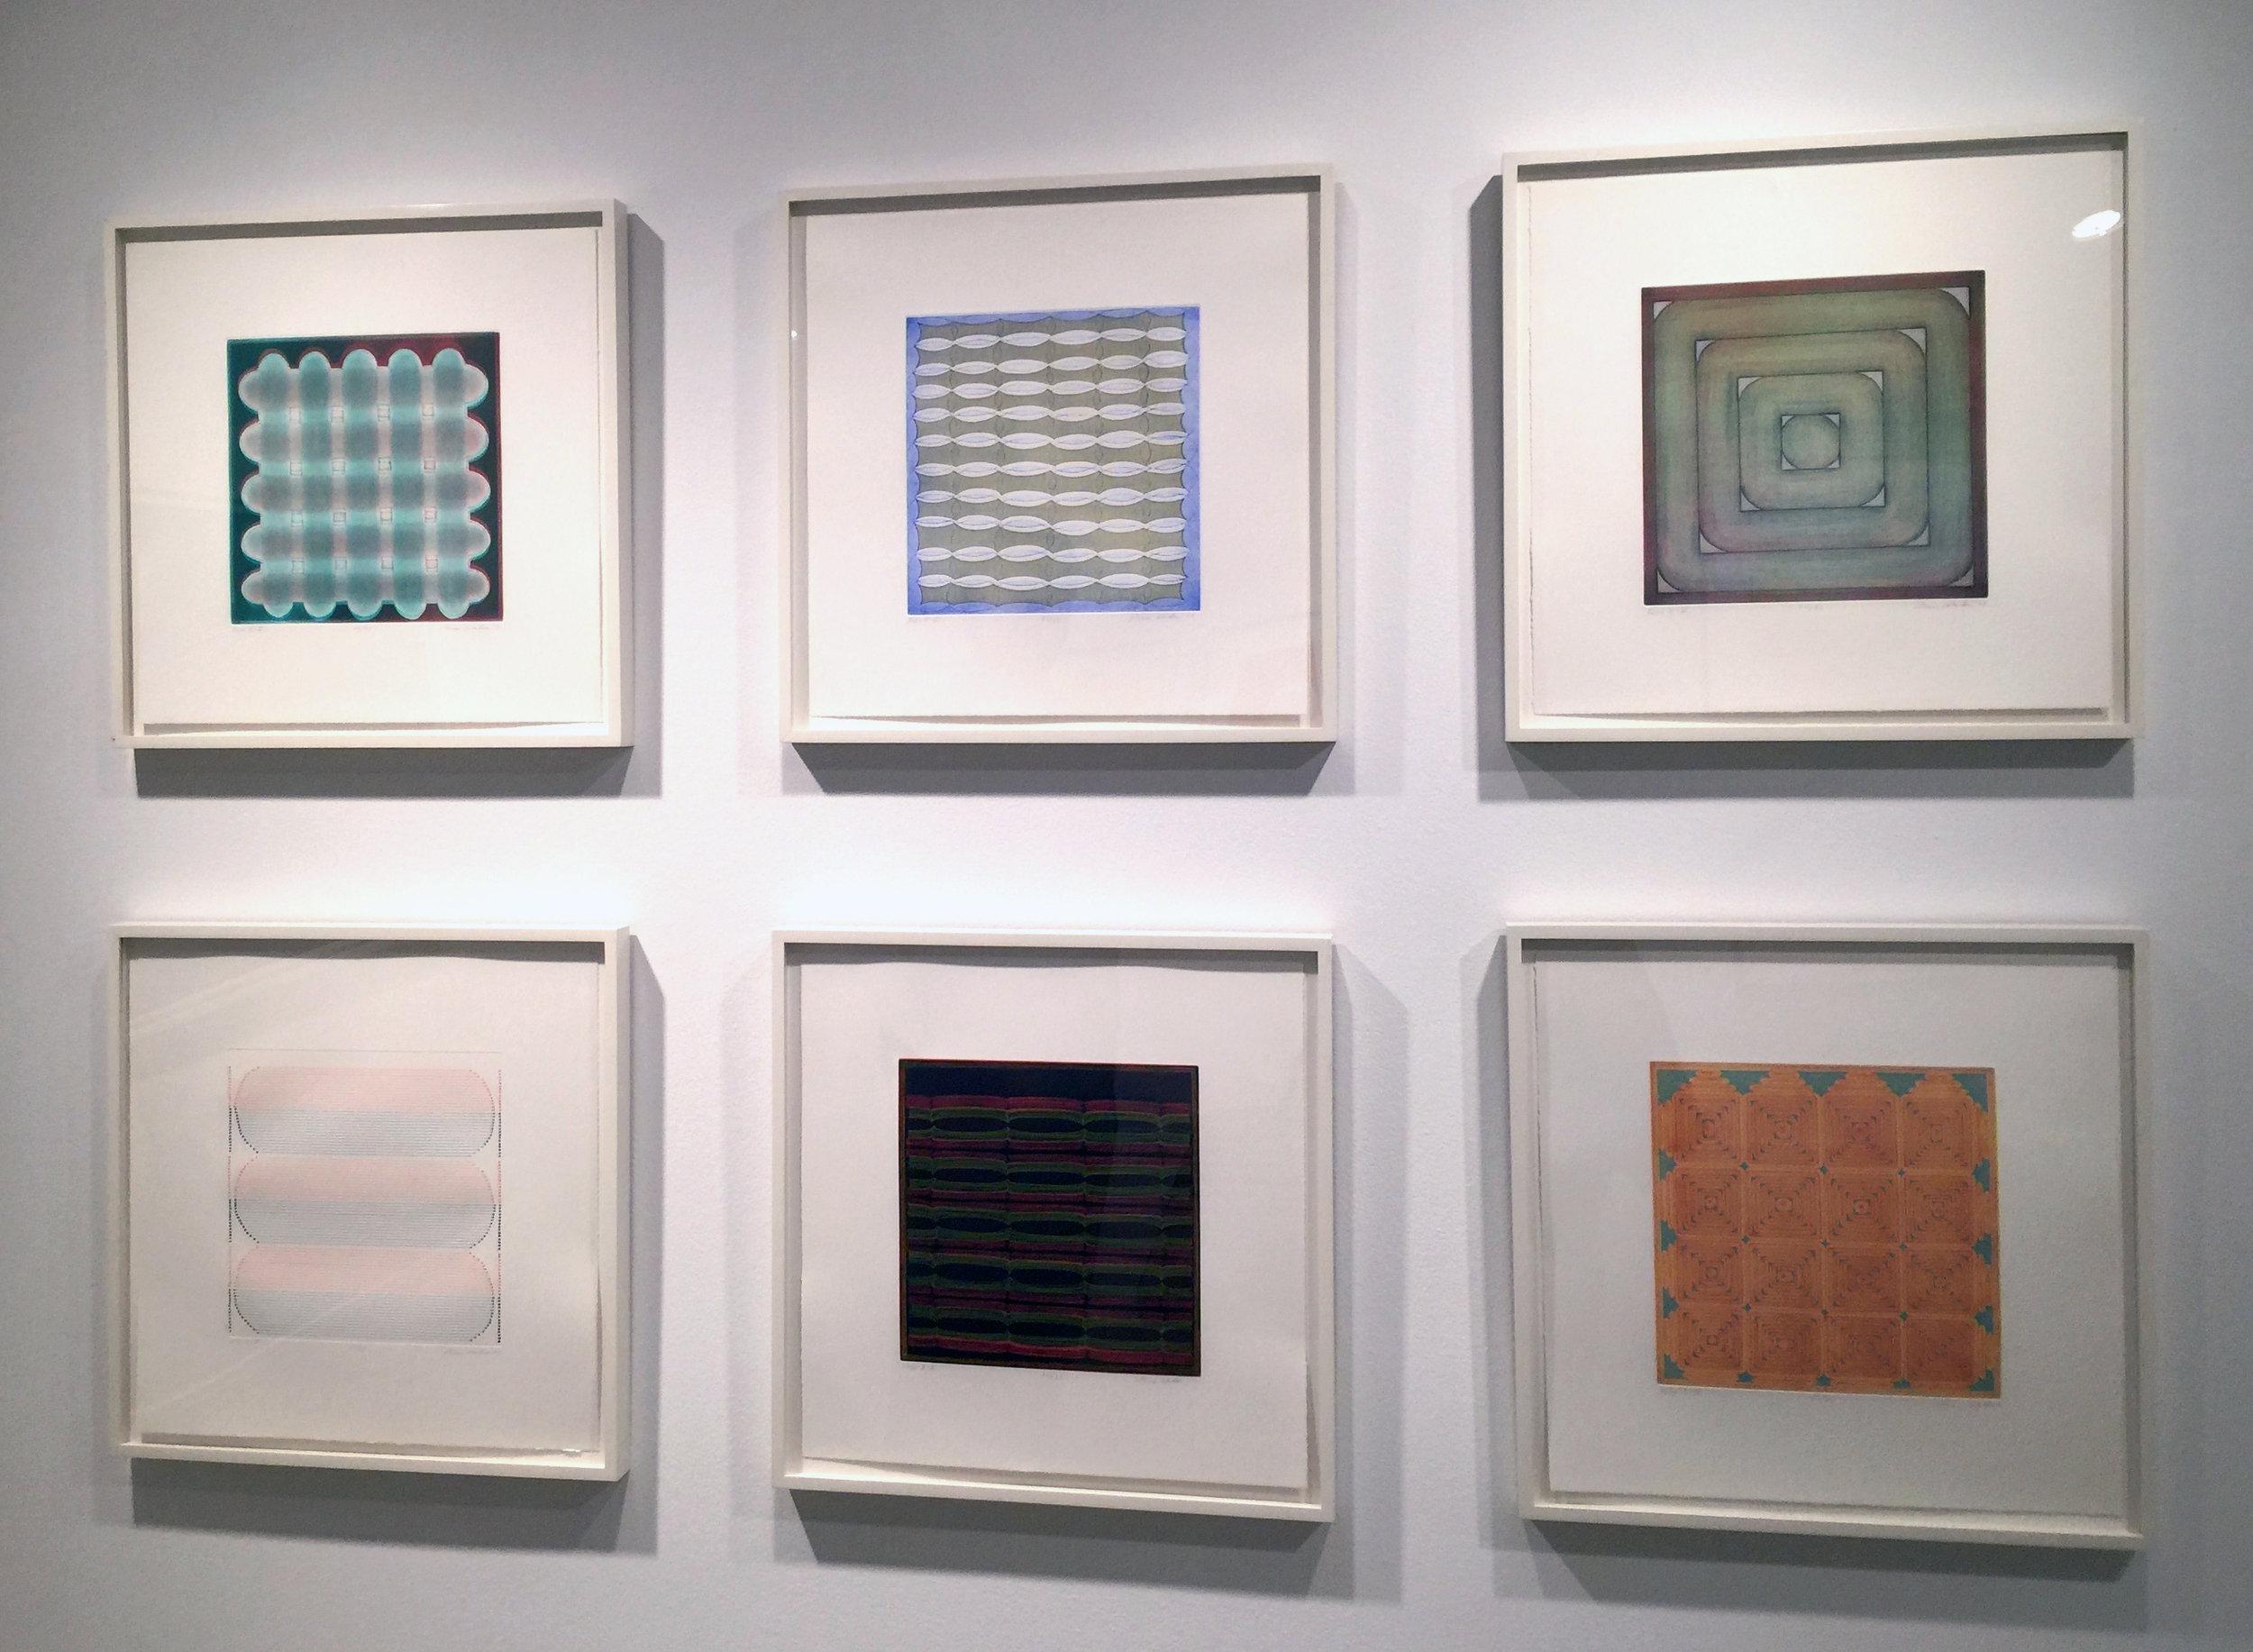 Dan Walsh, Folio B, 2010, Installation shot